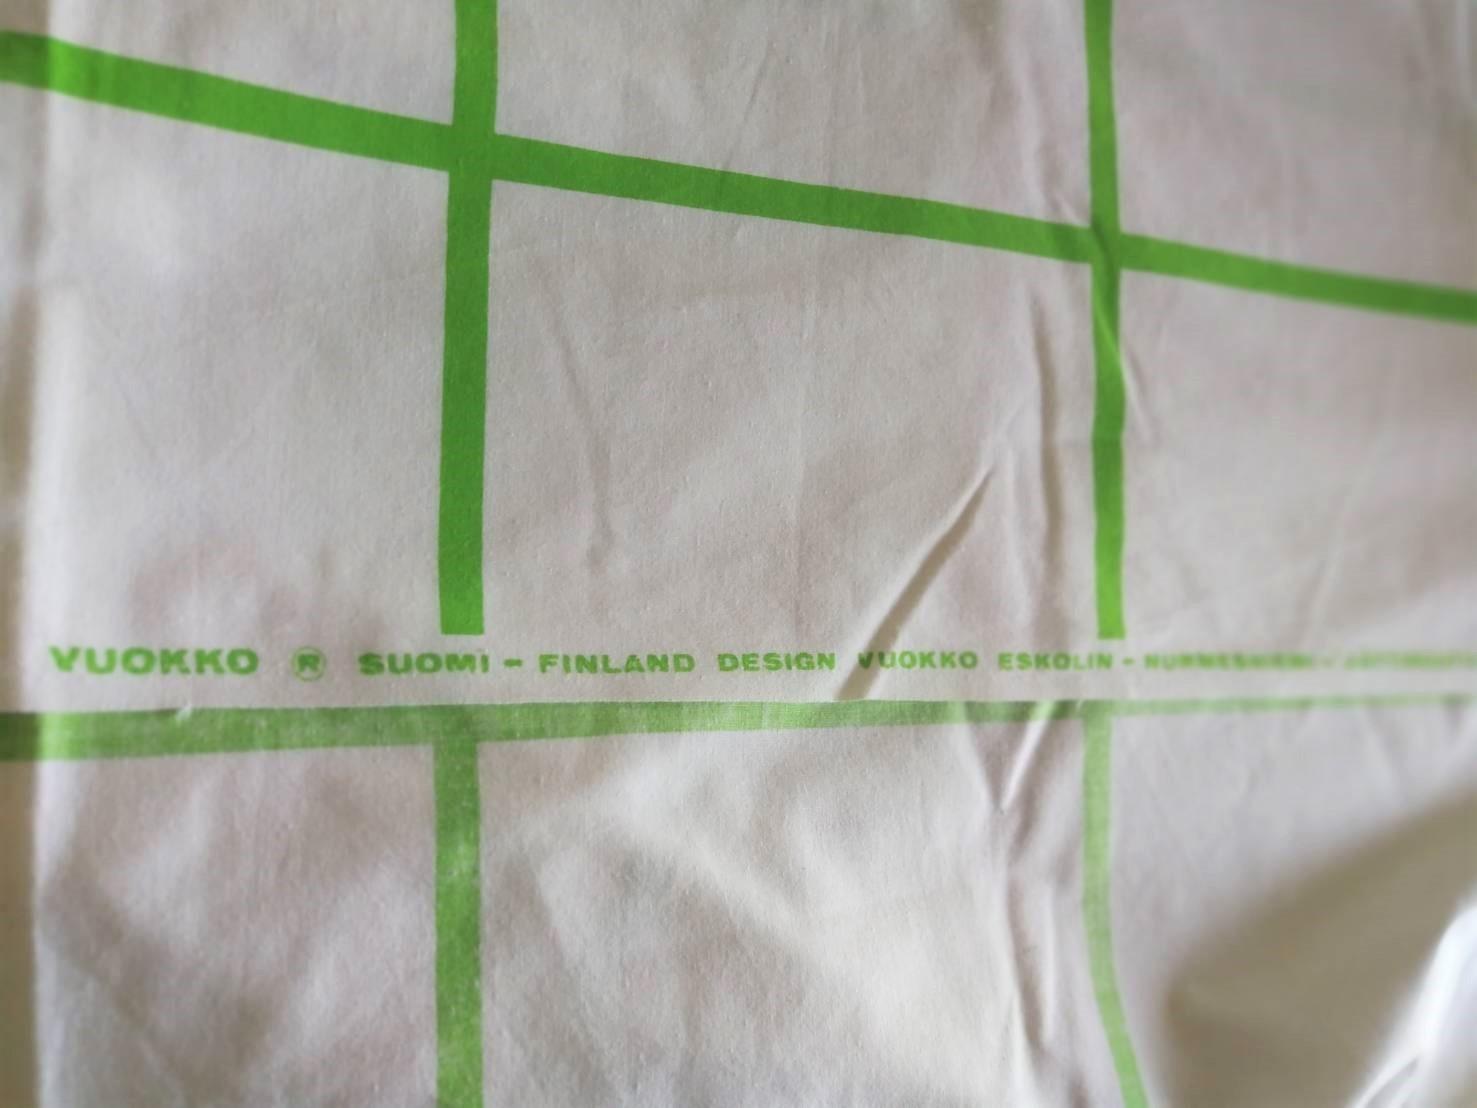 [マルチカバー] ファブリック / Vokko / Jaattiruutu-73 /  (2,120x142cm) 1973年オリジナル